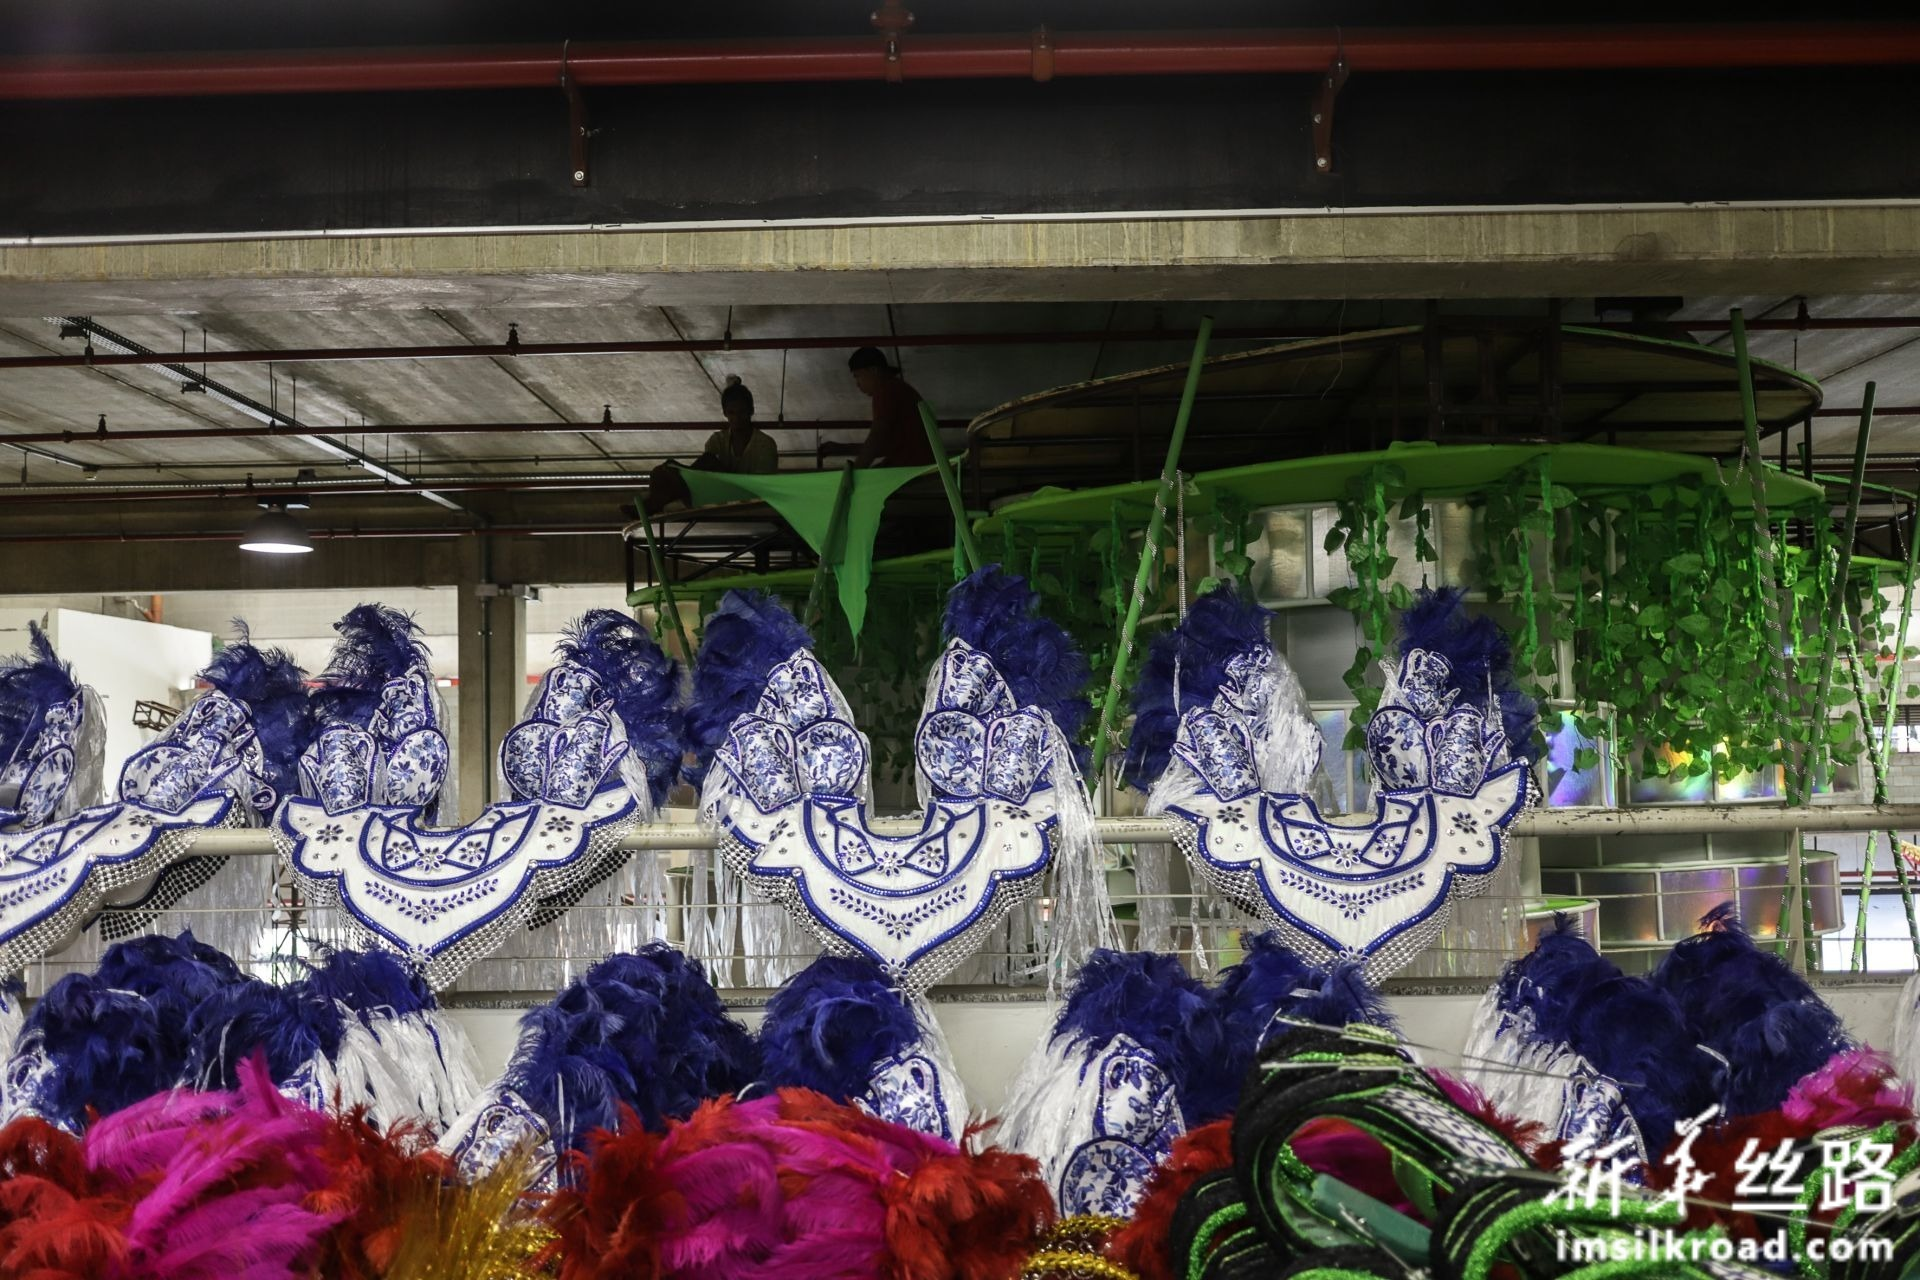 """这是2月14日在巴西圣保罗著名桑巴舞校""""玛丽亚镇联合""""的工坊里拍摄的演出服和道具。新华社发(拉赫尔·帕特拉索摄)"""